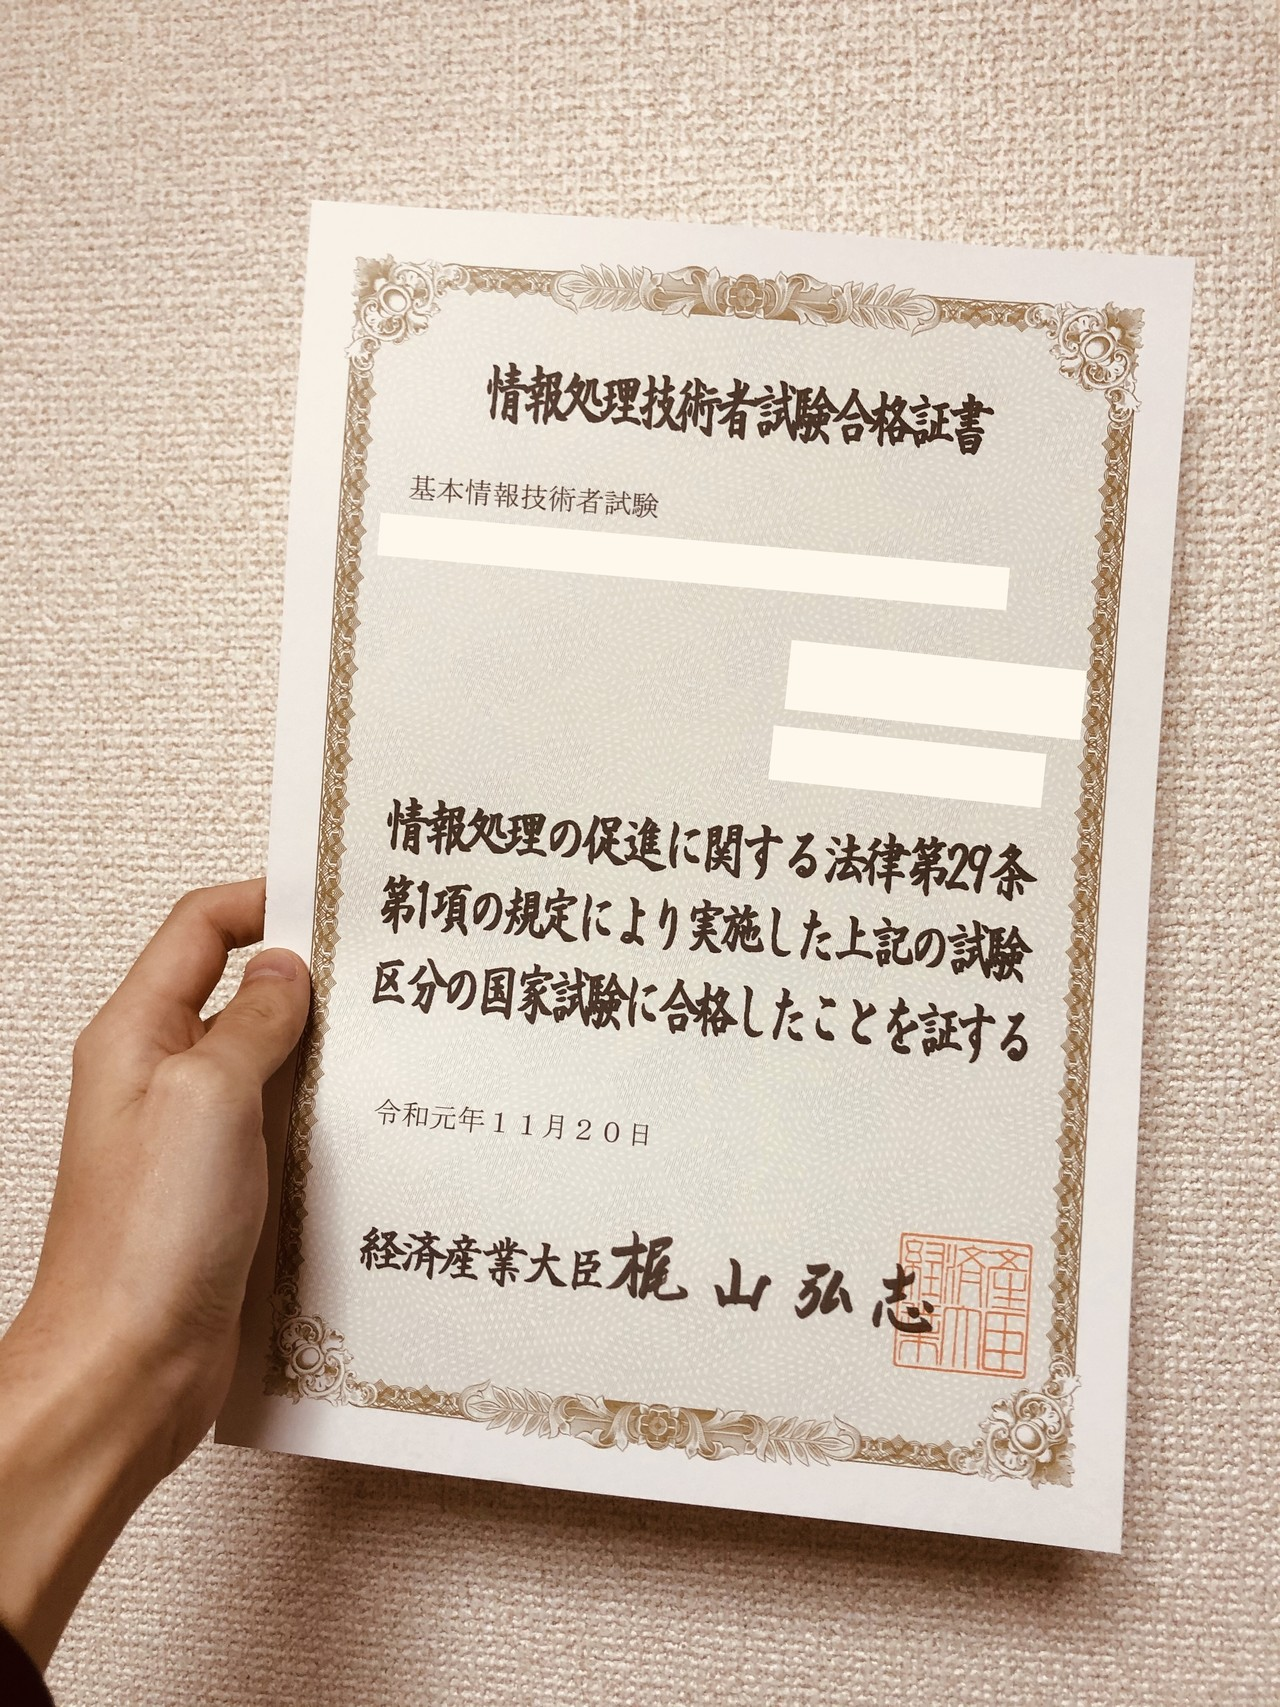 基本情報技術者試験に受かった話~勉強法など~|CHE BUNBUN|note